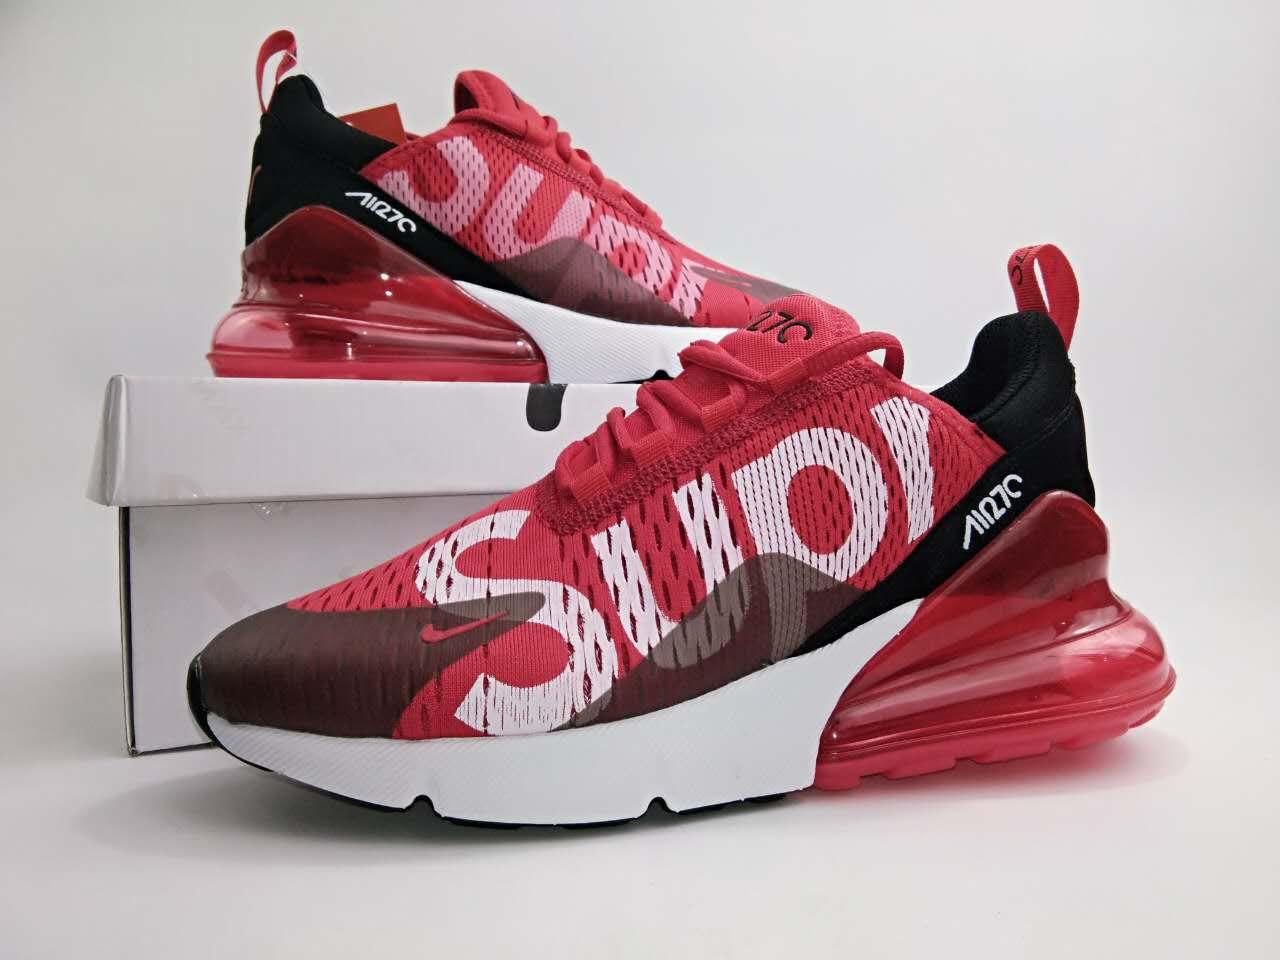 6d90464fa262 2018 New Nike Air Max Flair Red Black White Shoes  18kobe22406 ...